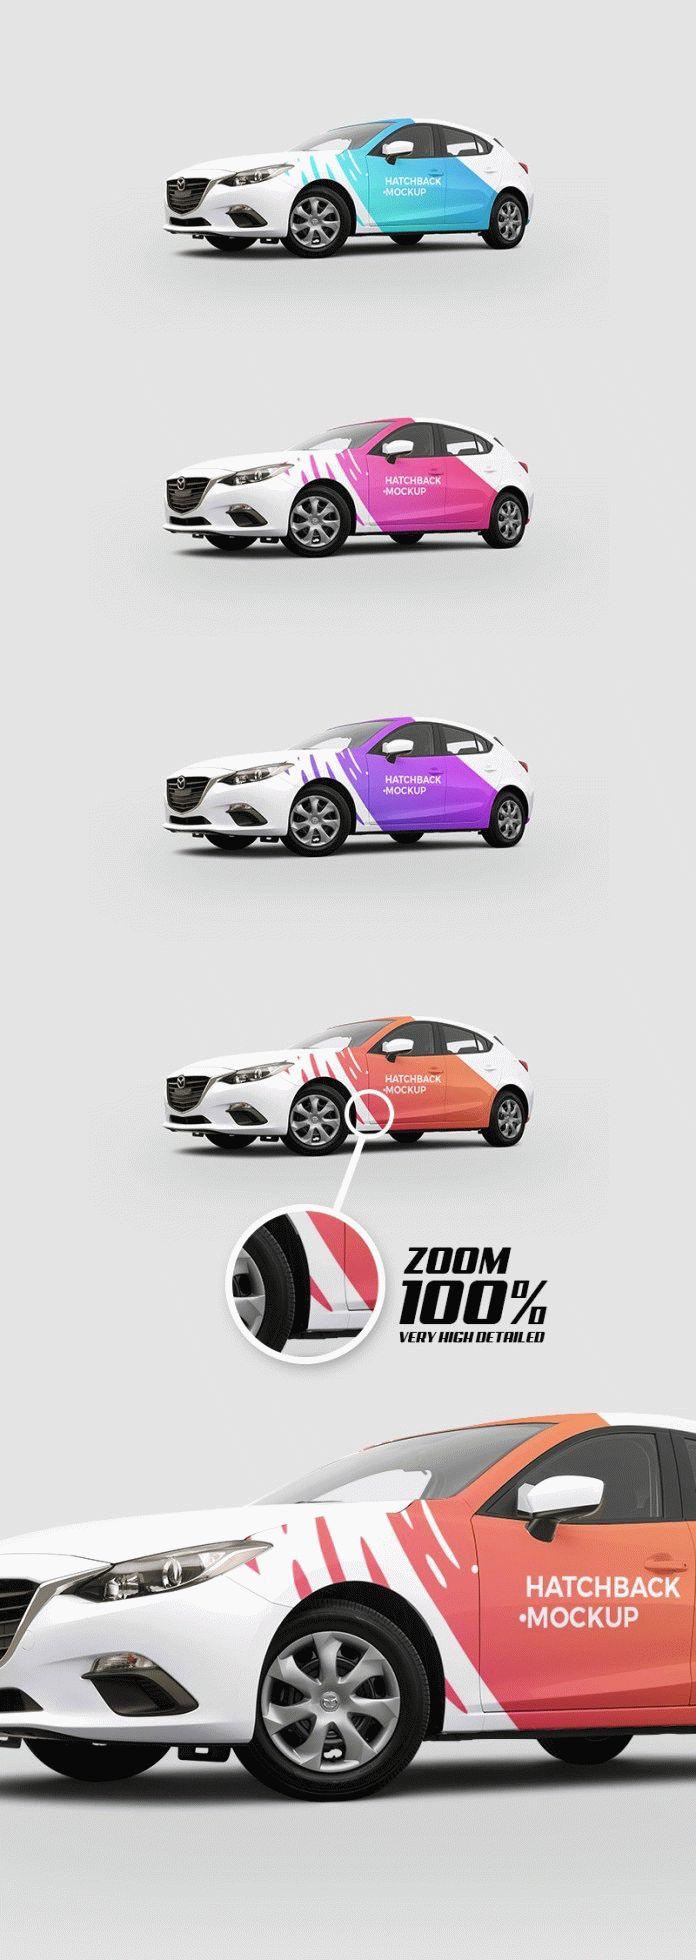 Free Hatchback Car Mockup PSD